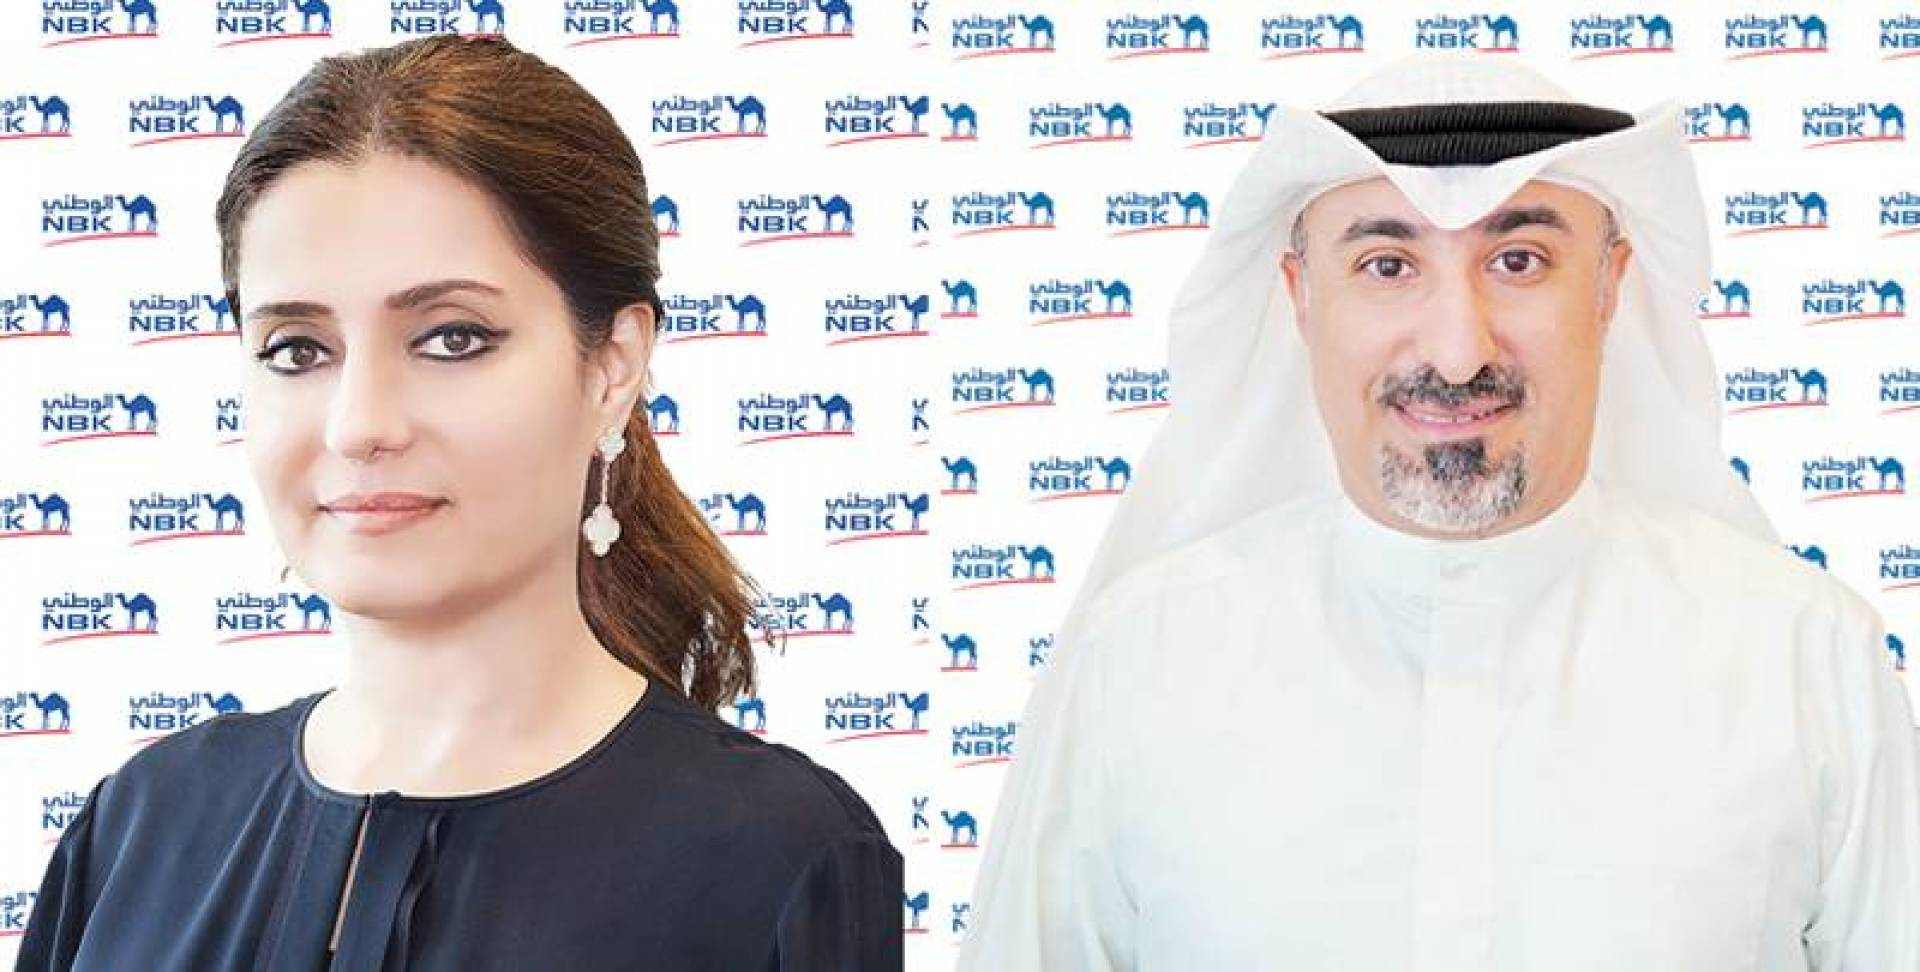 هشام النصف - غدير العوضي